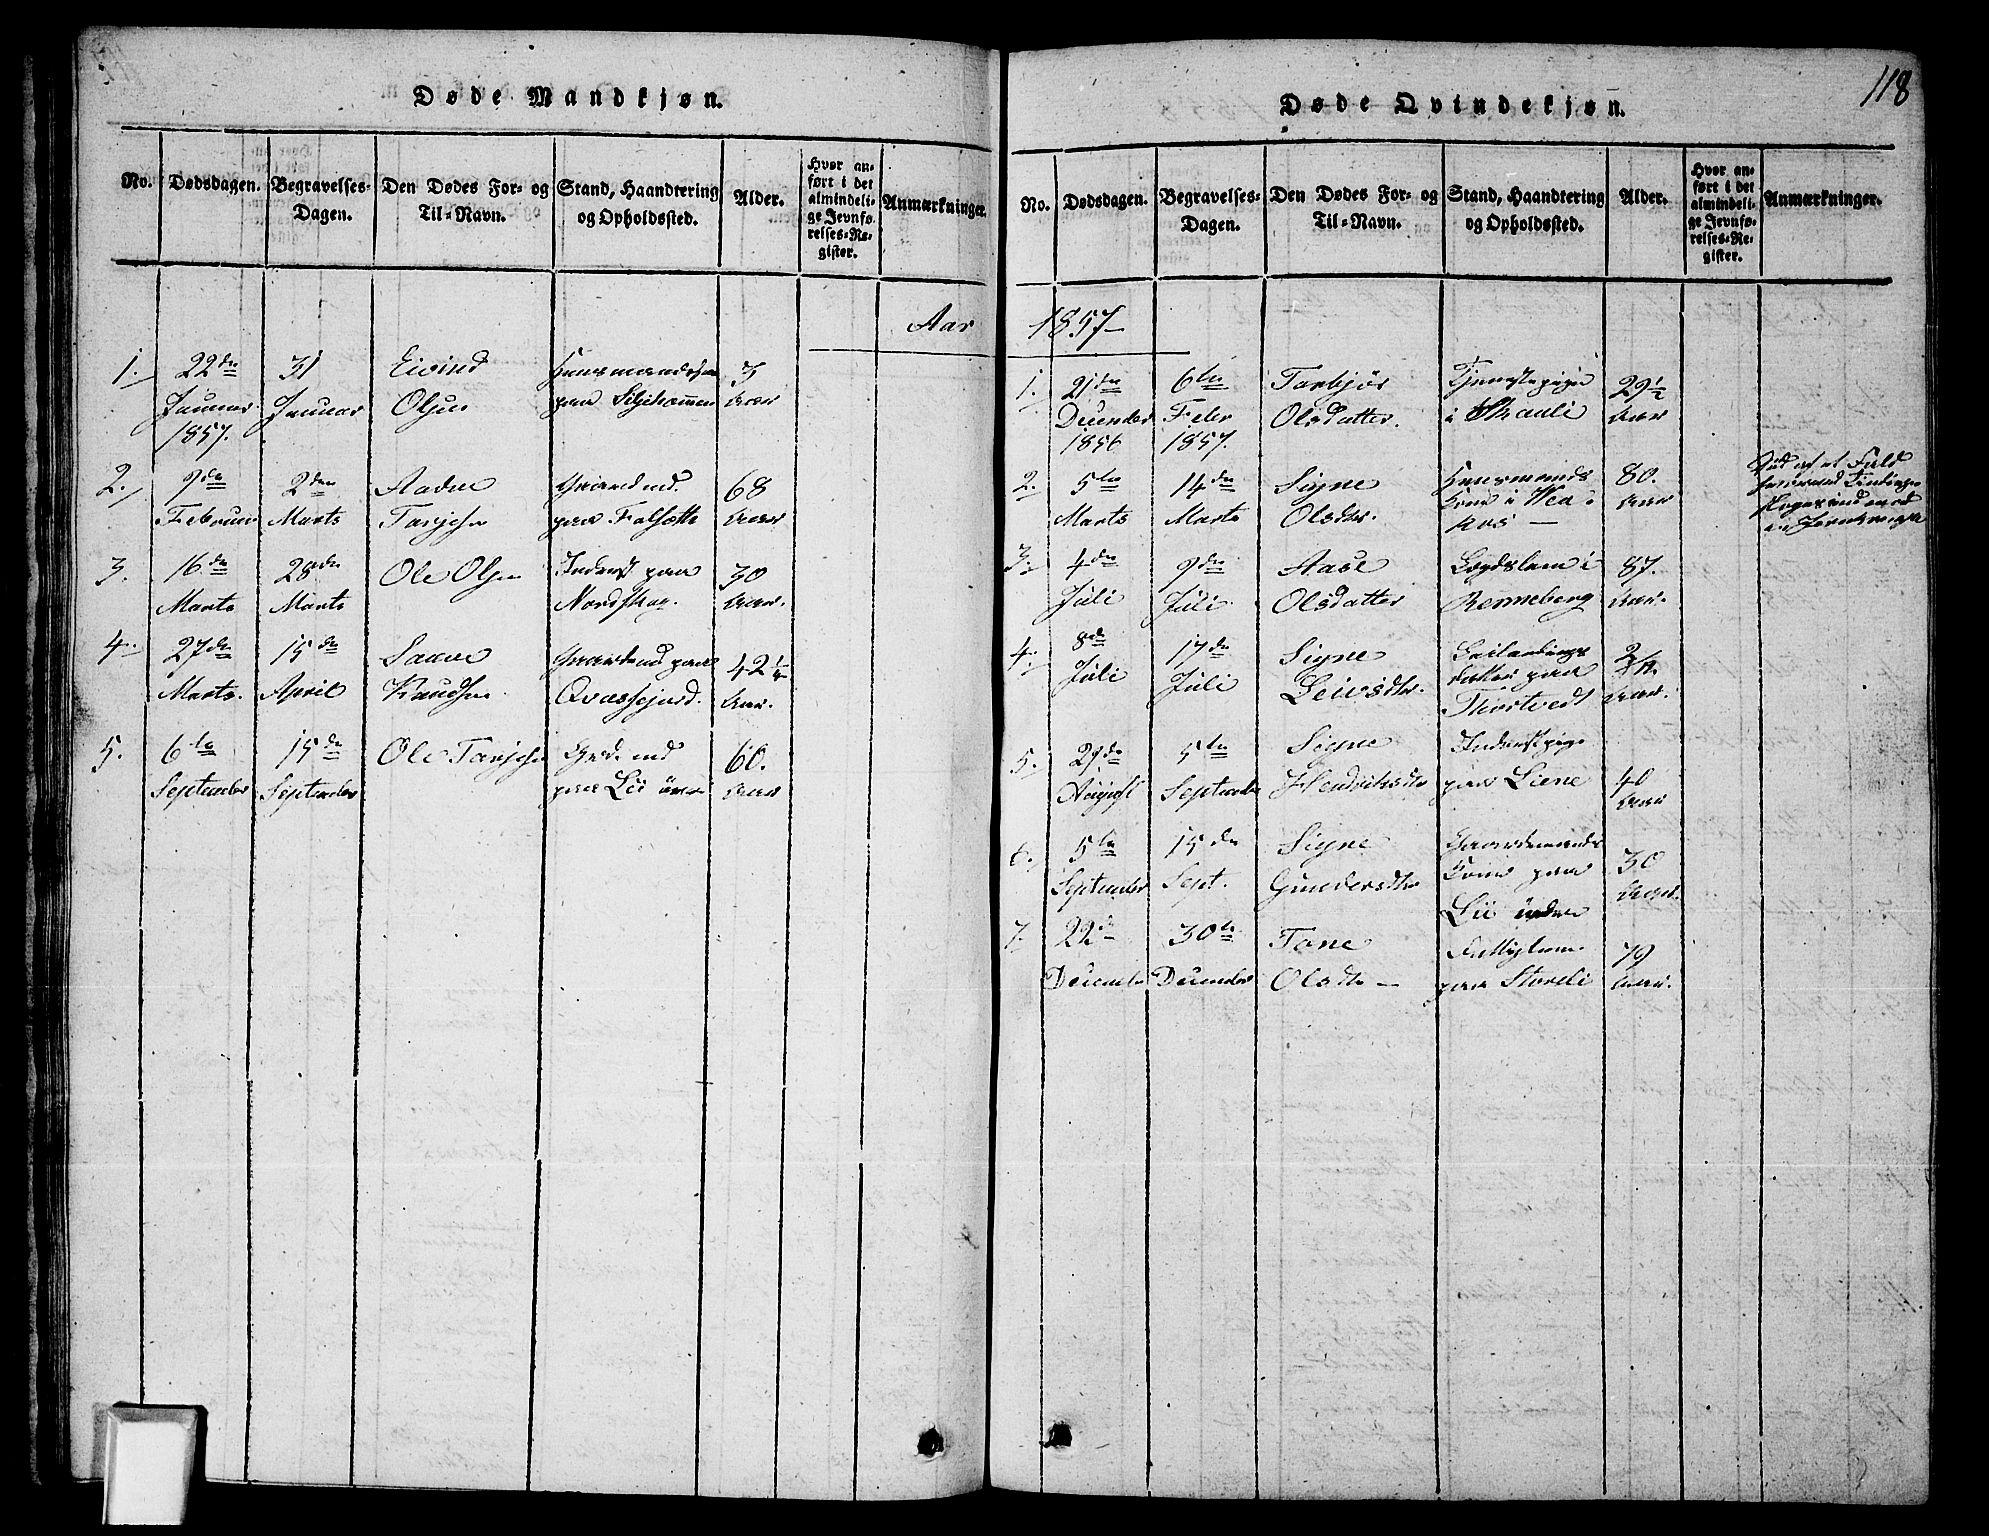 SAKO, Fyresdal kirkebøker, G/Ga/L0003: Klokkerbok nr. I 3, 1815-1863, s. 118